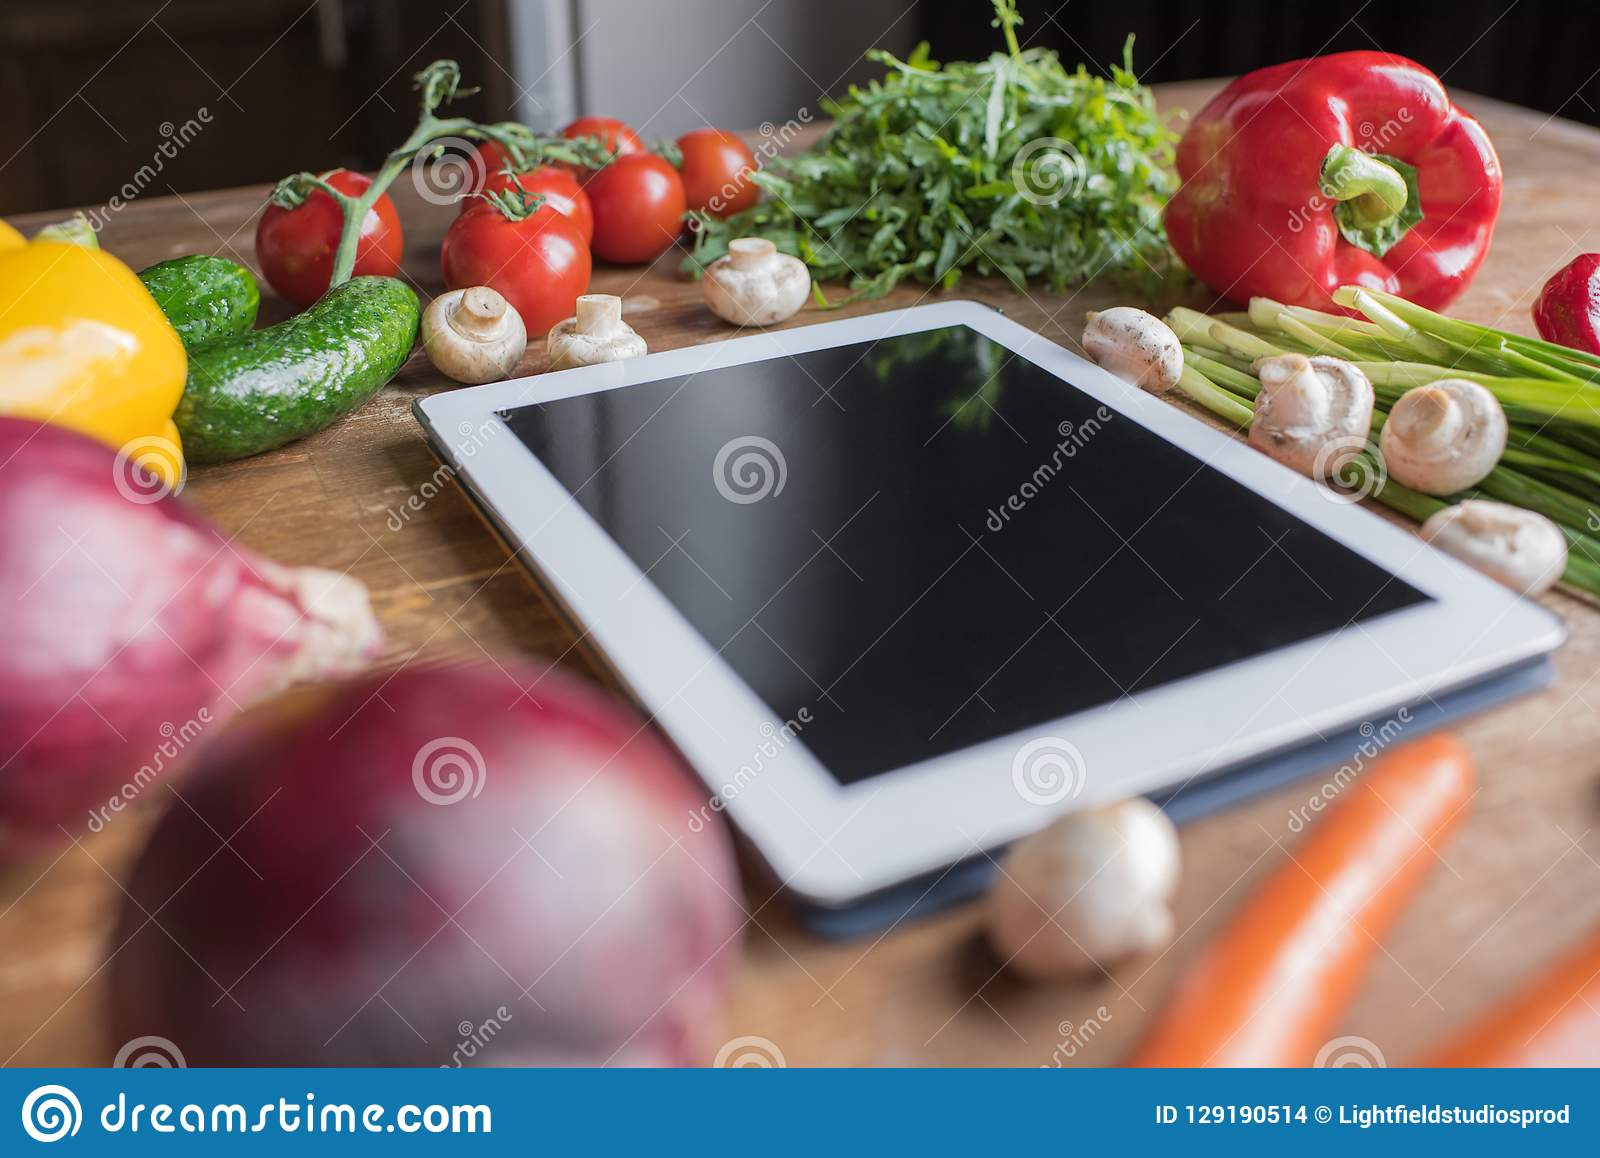 Close-up dat van lege tablet met groenten wordt geschoten